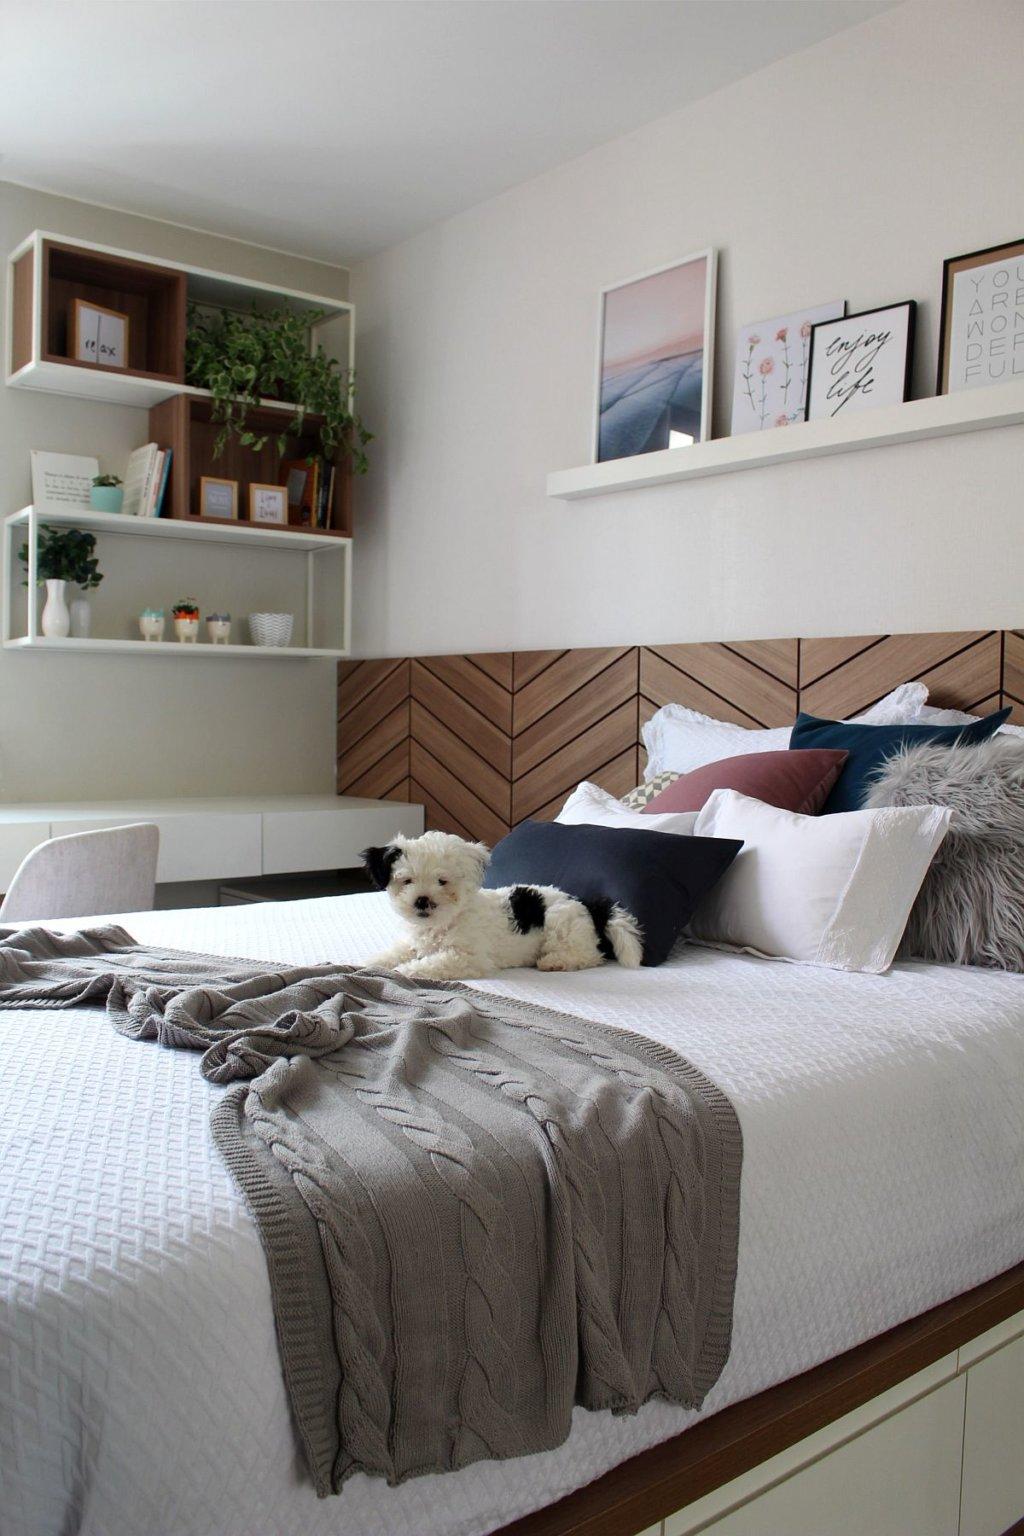 Phòng ngủ nhỏ trong căn hộ 22m2 được thiết kế và bài trí với tông màu trắng và chất liệu gỗ sẫm màu tạo cảm giác thoáng đãng, ấm áp.